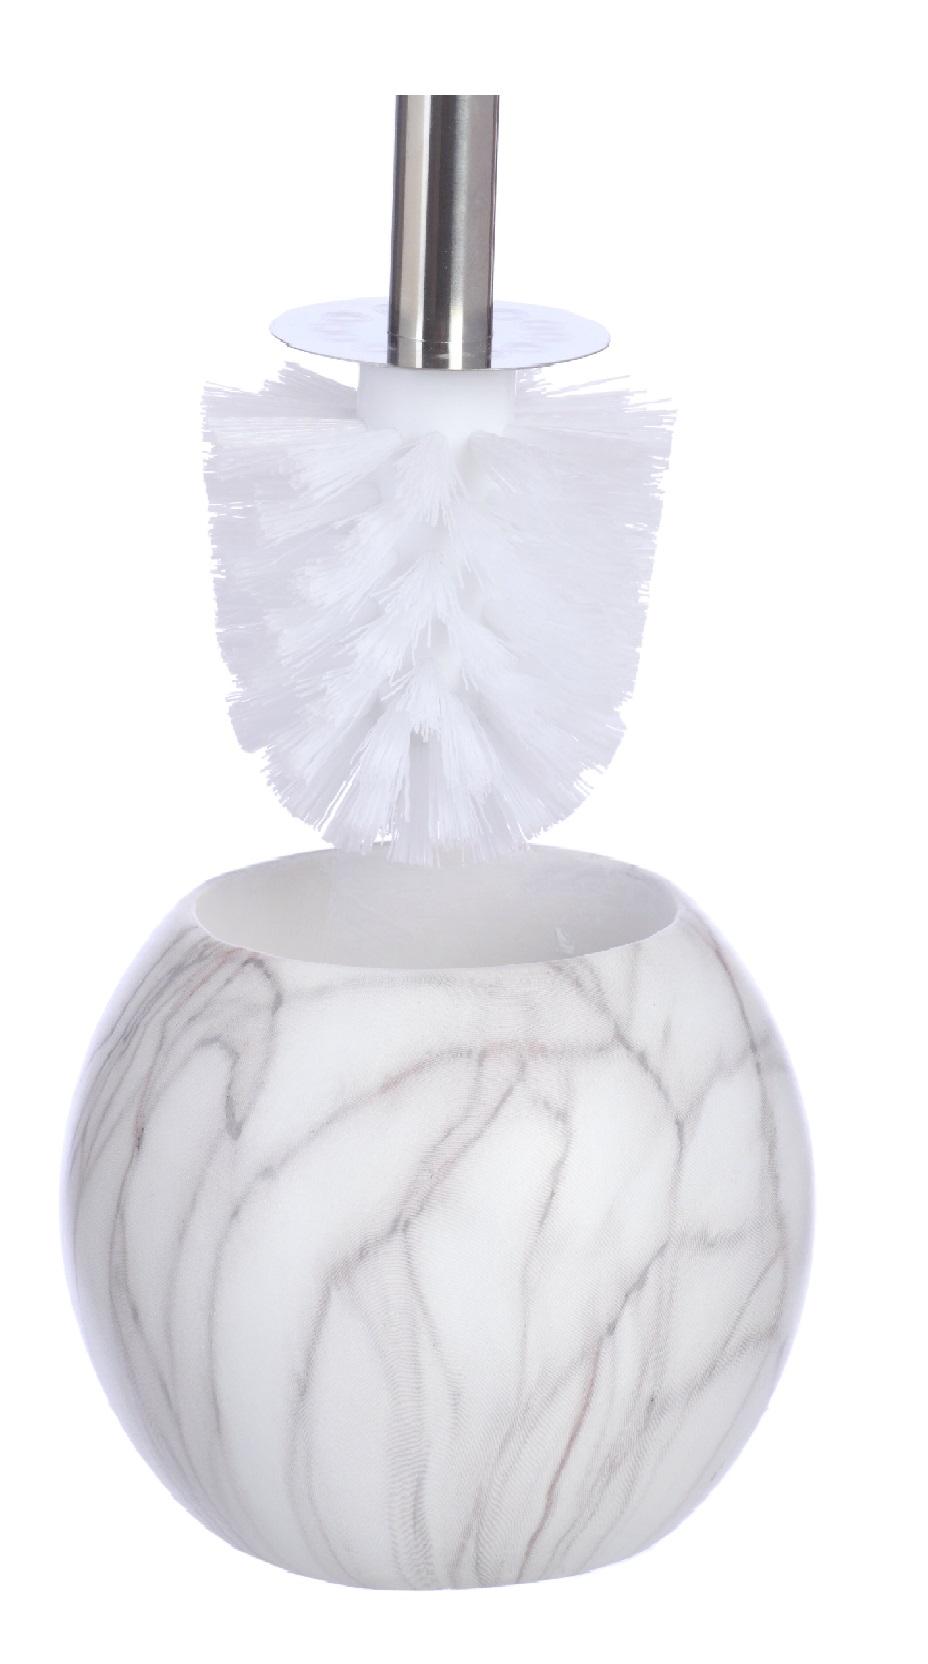 Ершик для унитаза Vanstore 400-06, белый ершик для унитаза vanstore 339 06 оранжевый